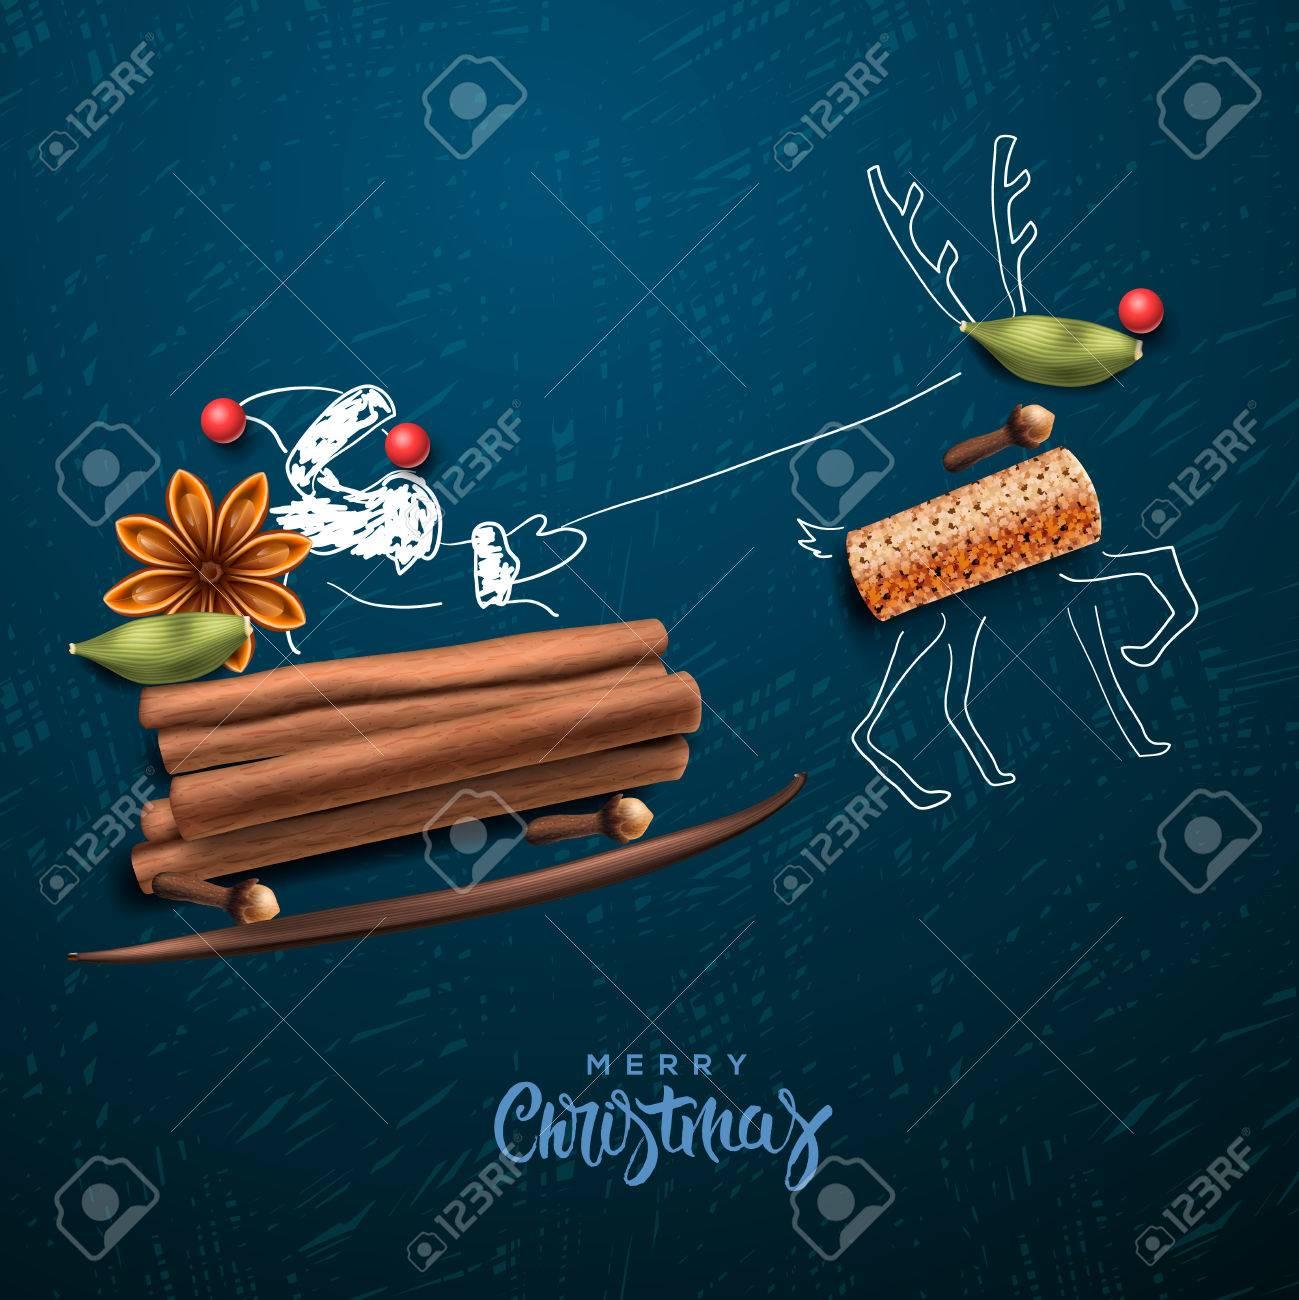 Weihnachtsmann fliegen in einem Schlitten Standard-Bild - 48425014